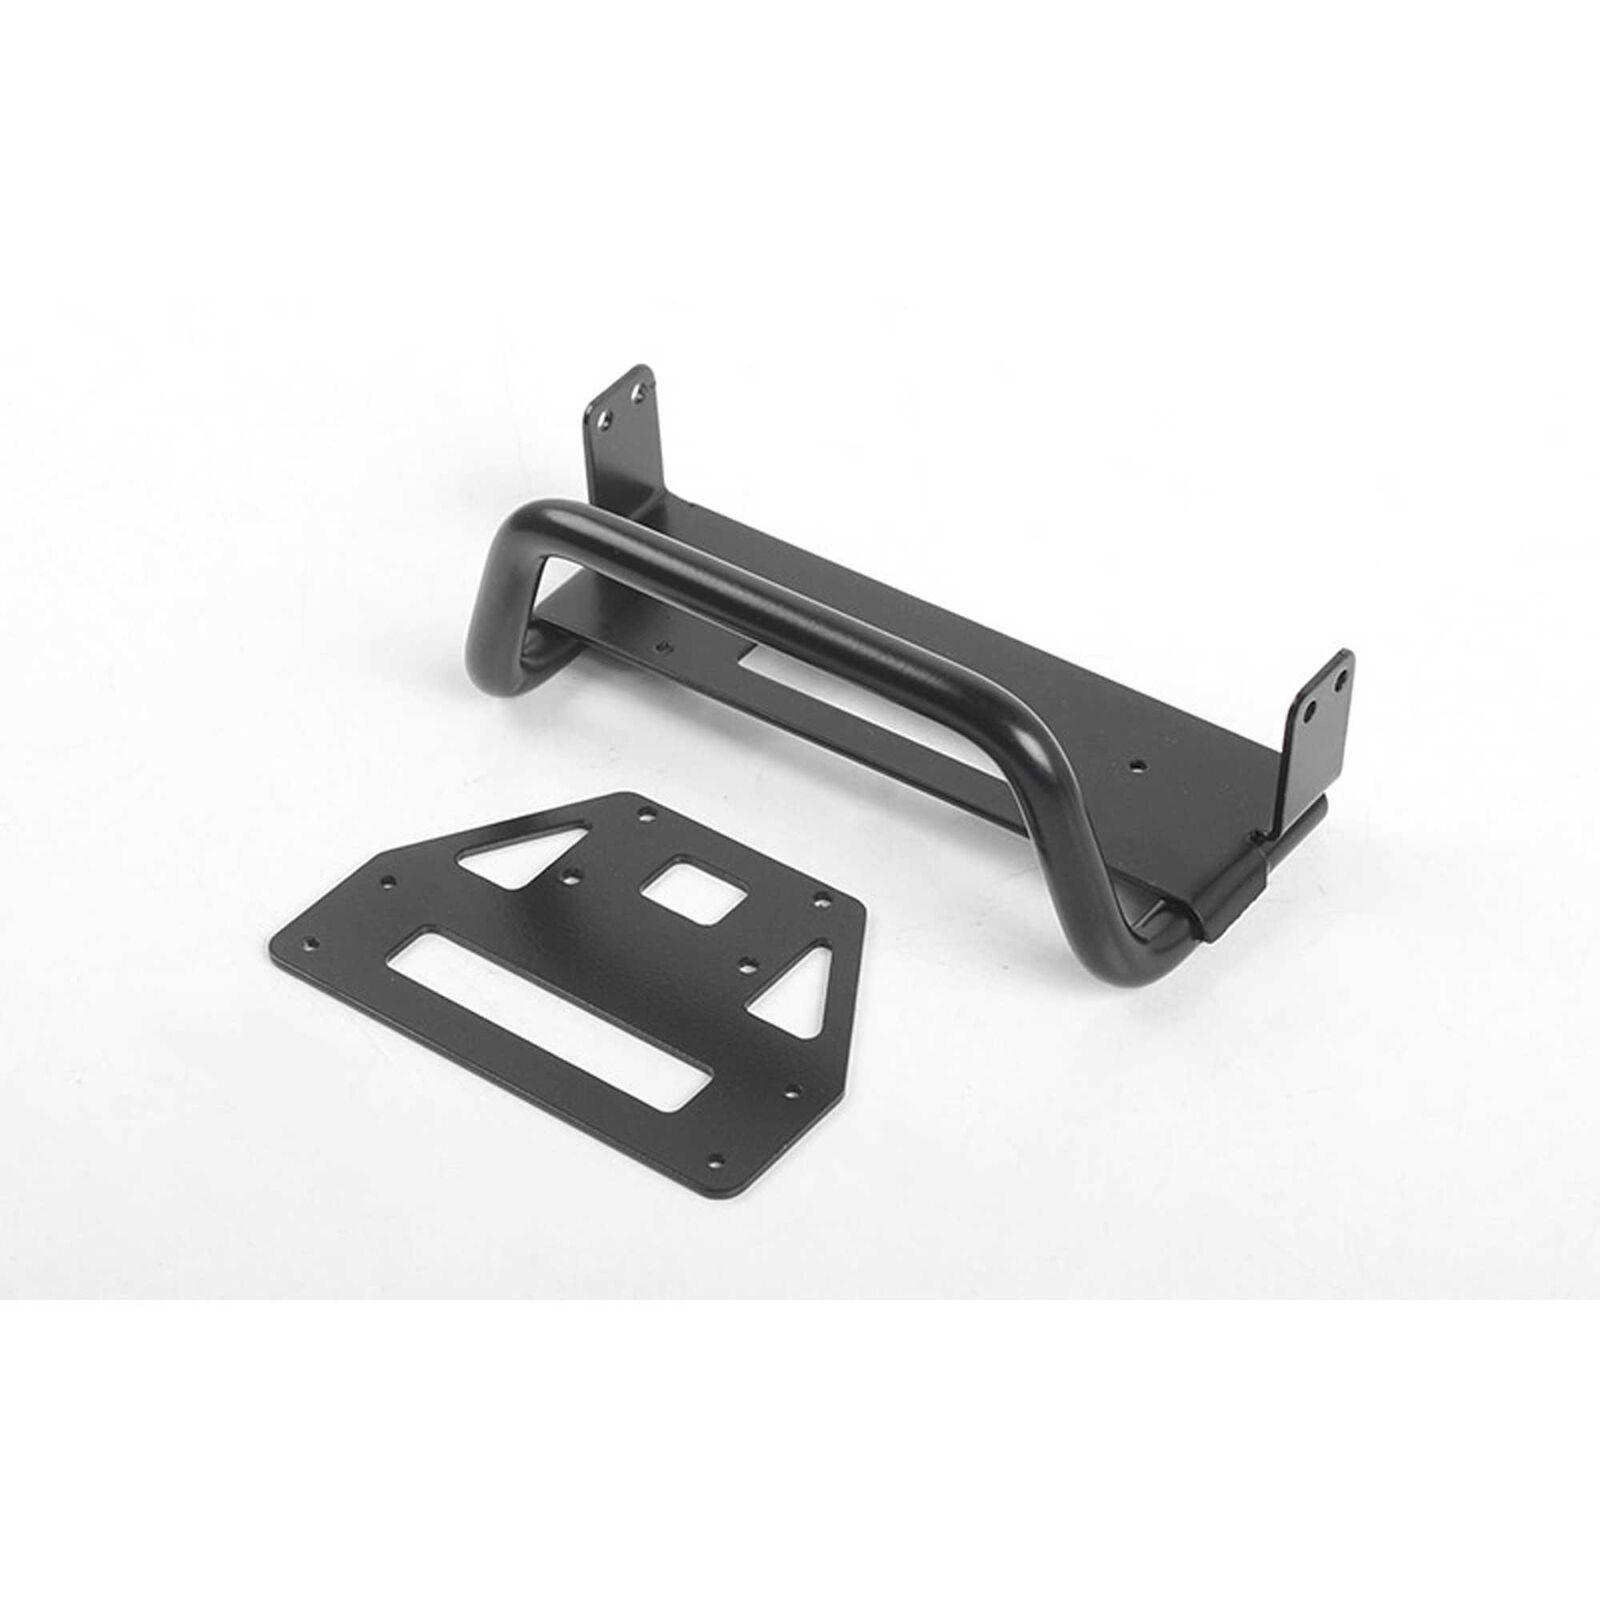 Dragon Front Bumper, Black: CRS 1/6 Crawler